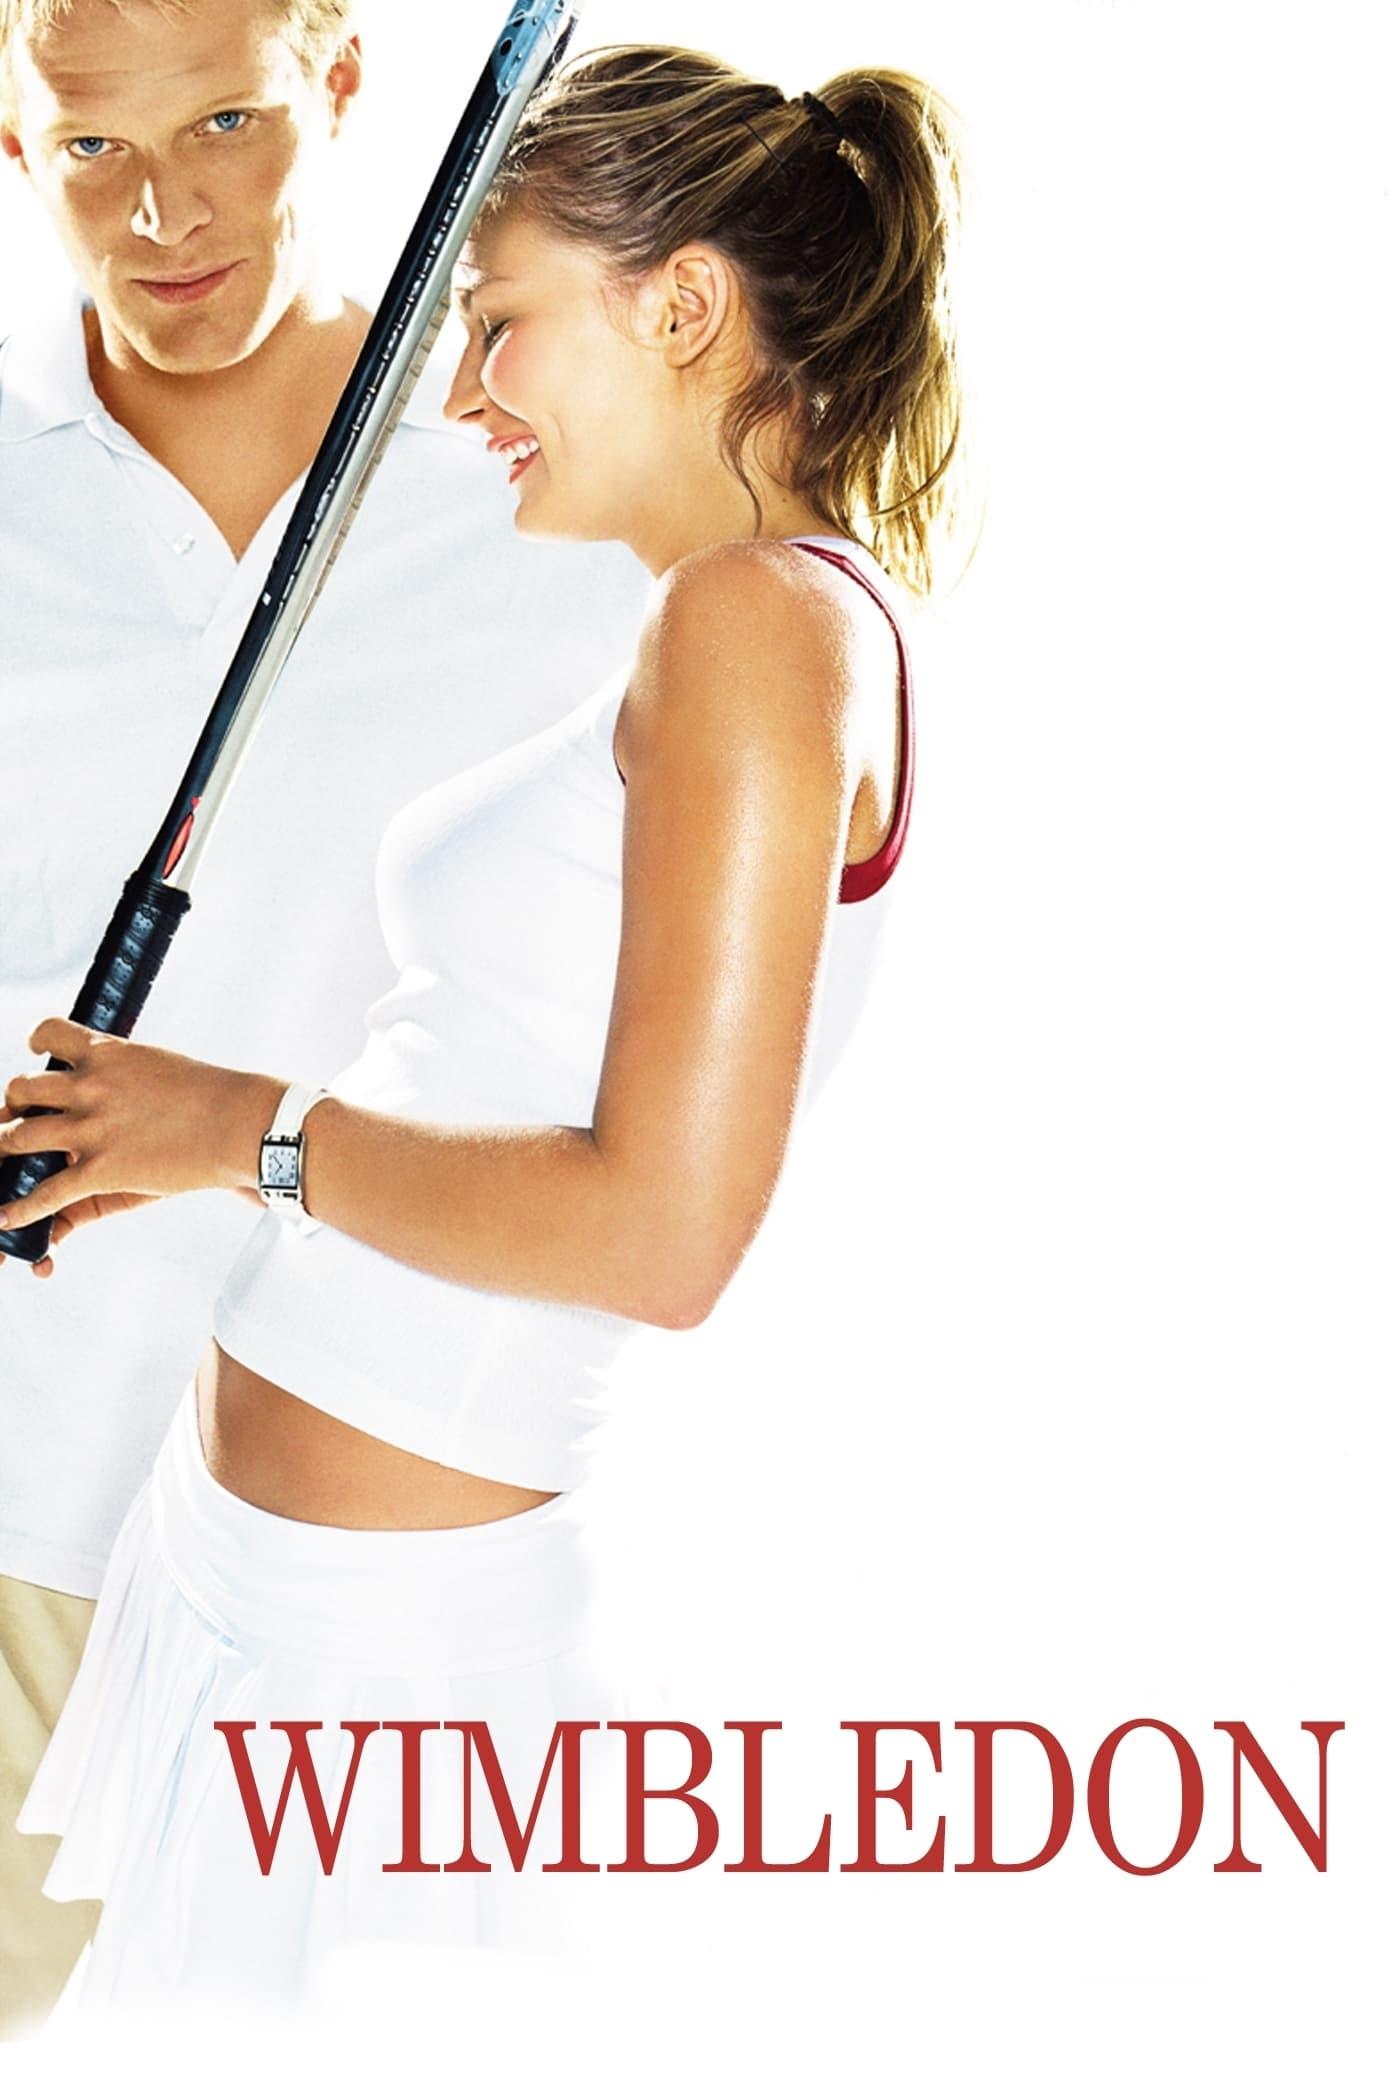 Wimbledon: Zápas o lásku